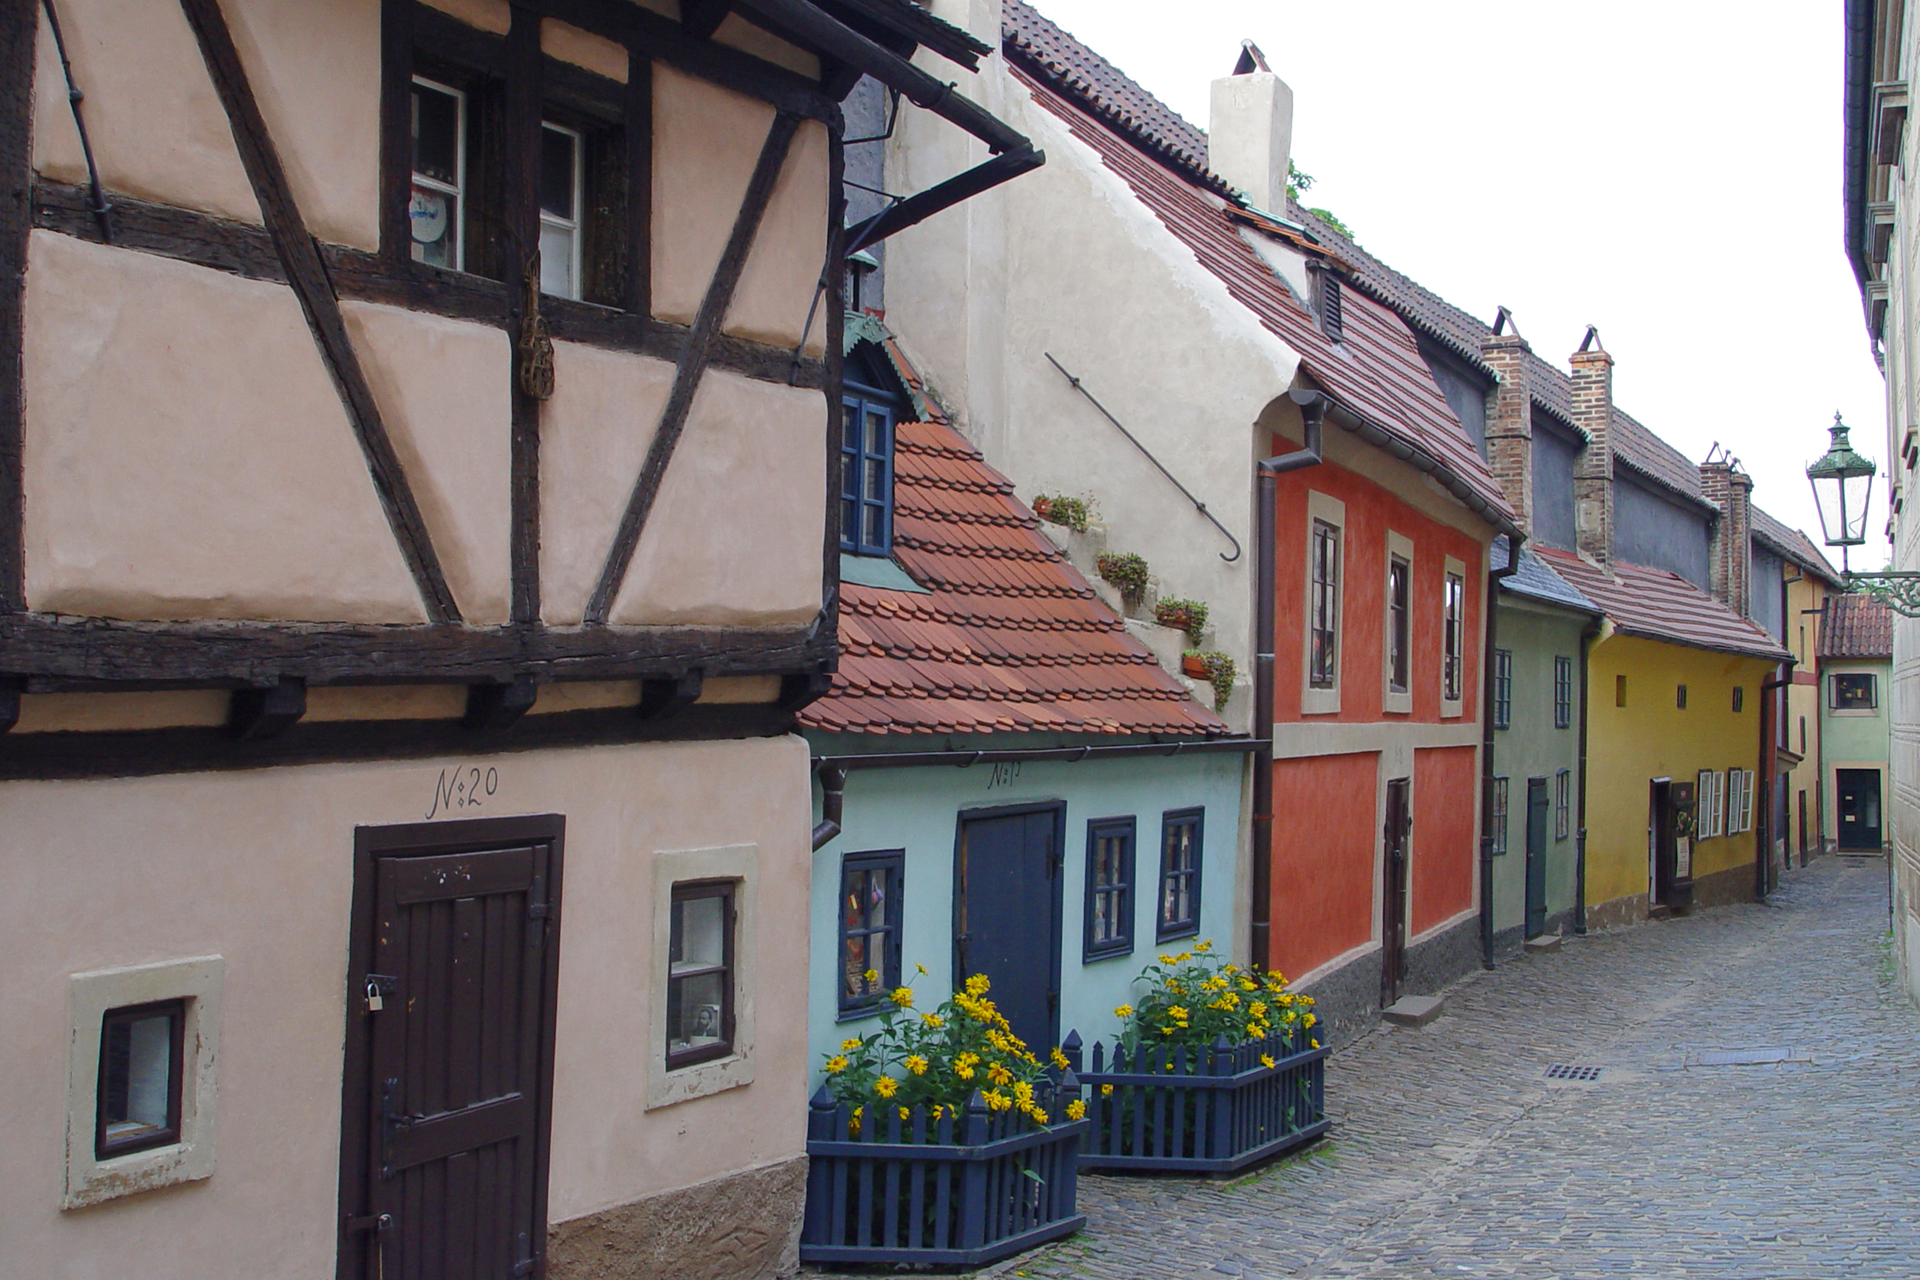 Zdjęcie przedstawia letni widok Złotej Uliczki wPradze. Jest to miejsce, wktórym mieli zamieszkiwać alchemicy izłotnicy na przełomie XVI iXVII wieku. Uliczka zabudowana jest kolorowymi ibardzo małymi domkami. Wwąskim kadrze zdjęcie mieści się sześć tradycyjnych budynków mieszkalnych, zktórych każdy ma inny kolor. Patrząc od lewej: brązowy, turkusowy, czerwony, morski, żółty, jasnożółty ijasnozielony.